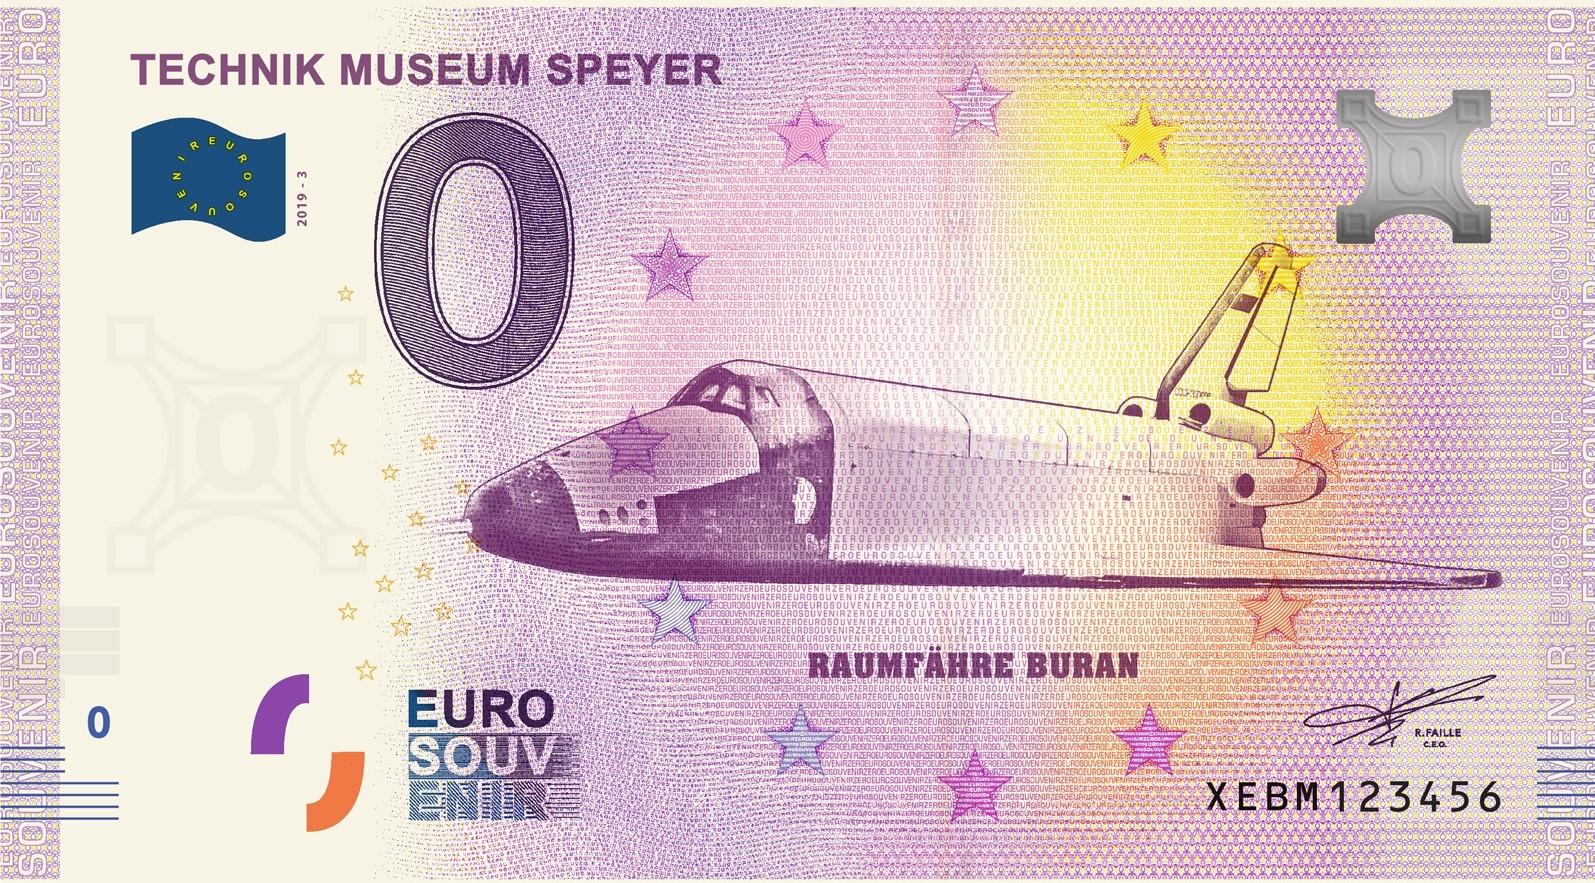 0-Euro Souvenirschein Technik Museum Speyer - RAUMFÄHRE BURAN